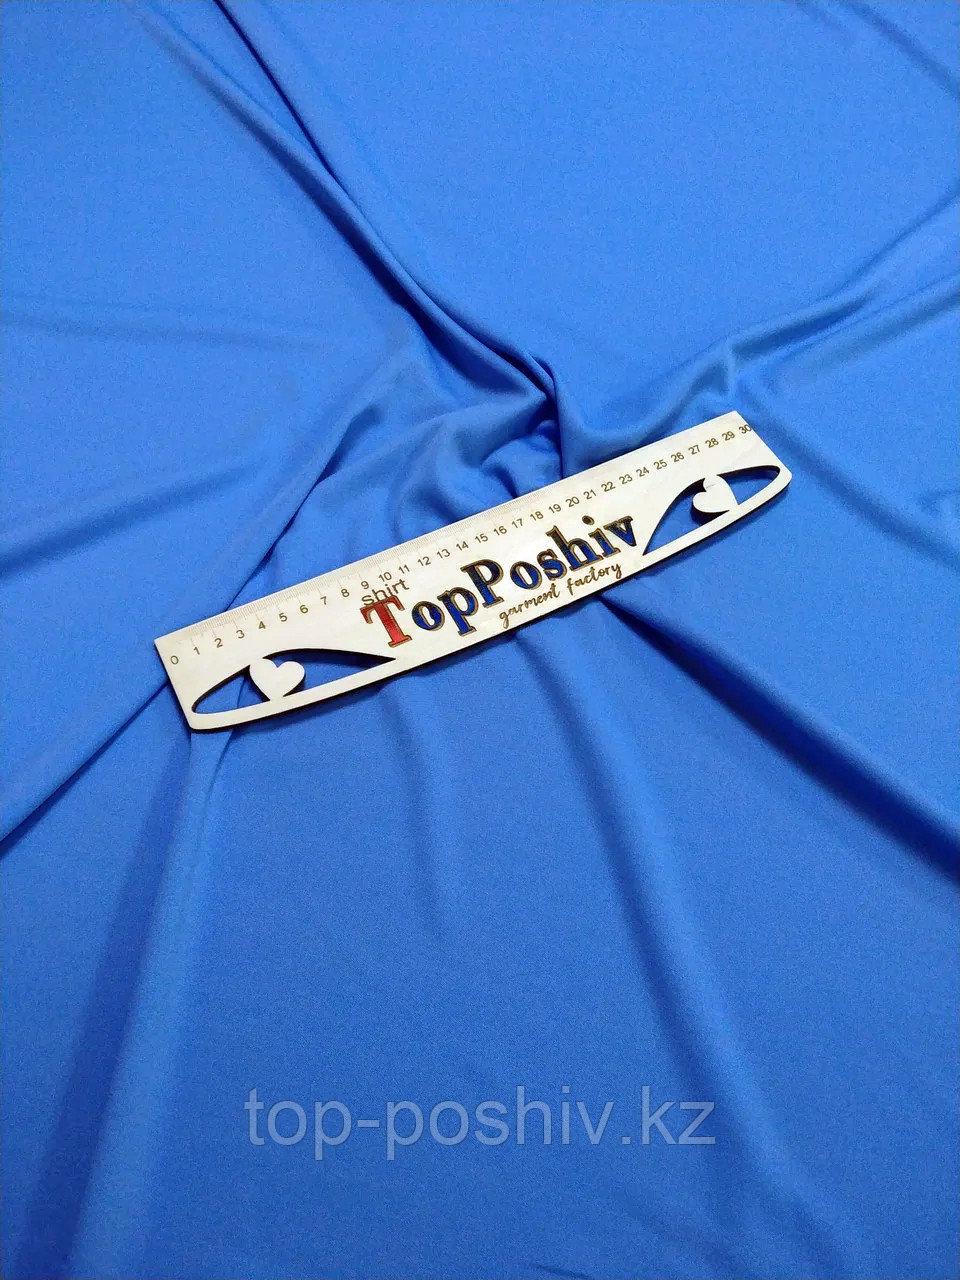 """Ткань Прима Микрофибра """"ЛЕТО Премиум Плюс"""", Термотрансфер, 168 см, Голубой филин"""